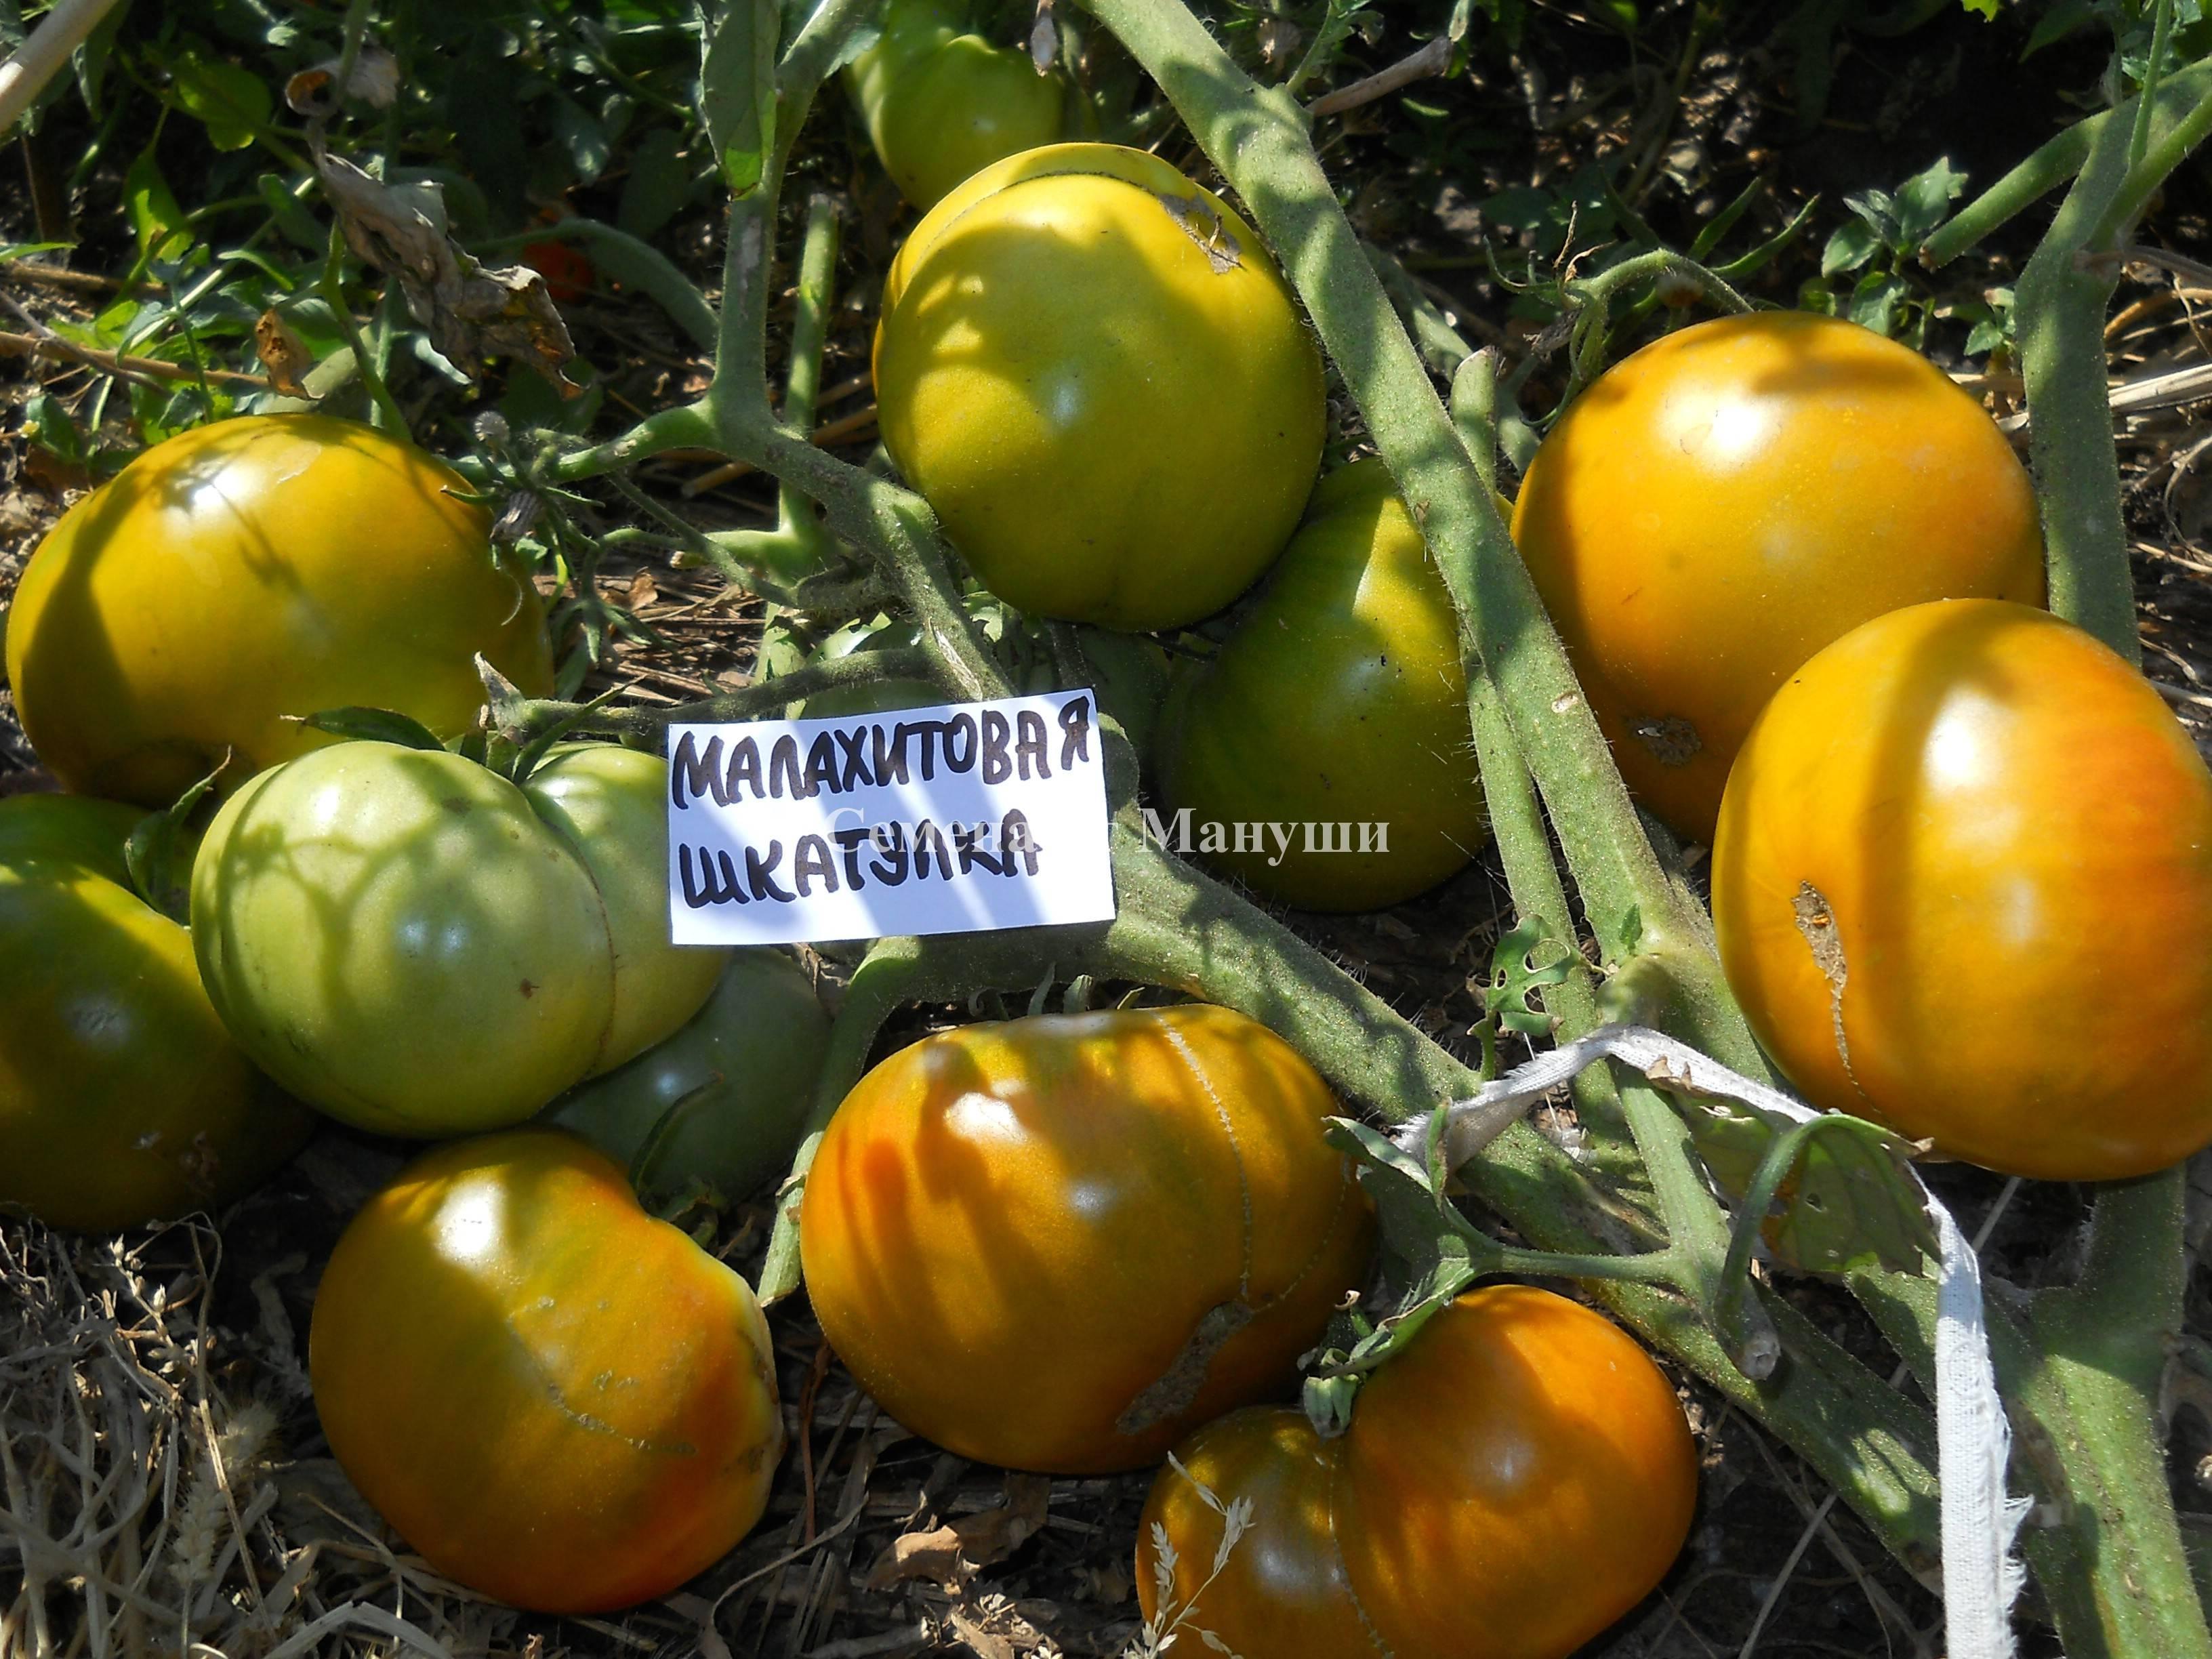 Характеристика и описание сорта томата малахитовая шкатулка, его урожайность